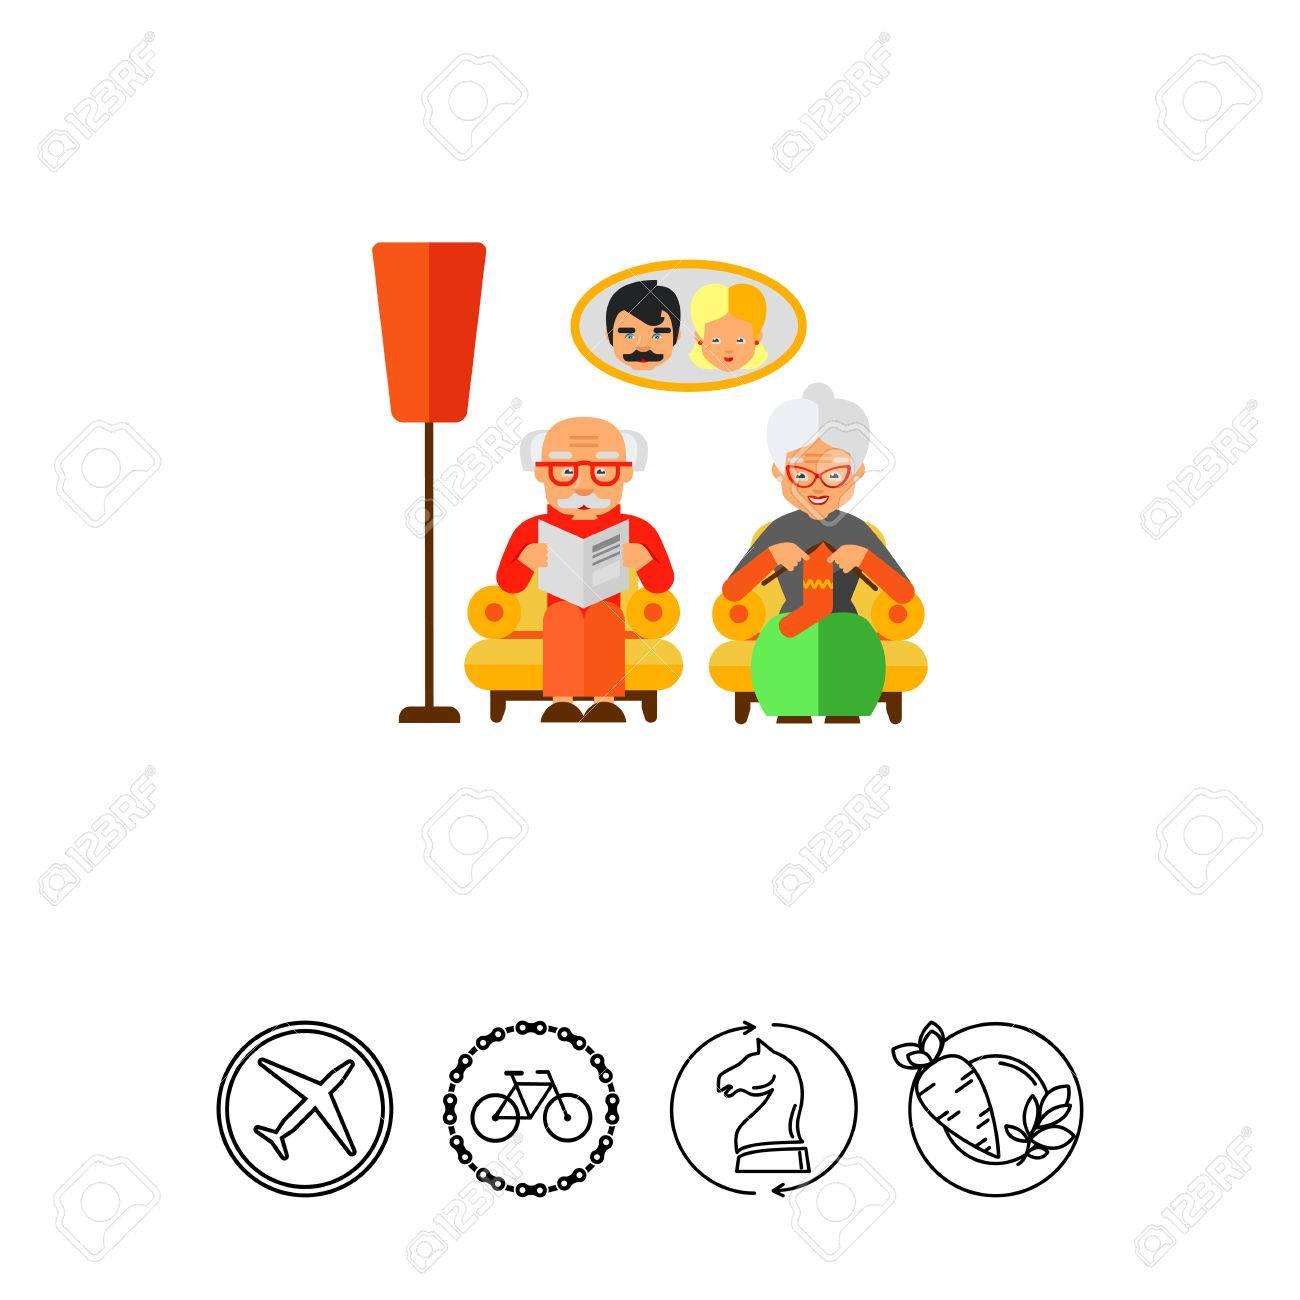 Großeltern Sitzen Im Wohnzimmer. Ältere Menschen, Alter, Komfort ...